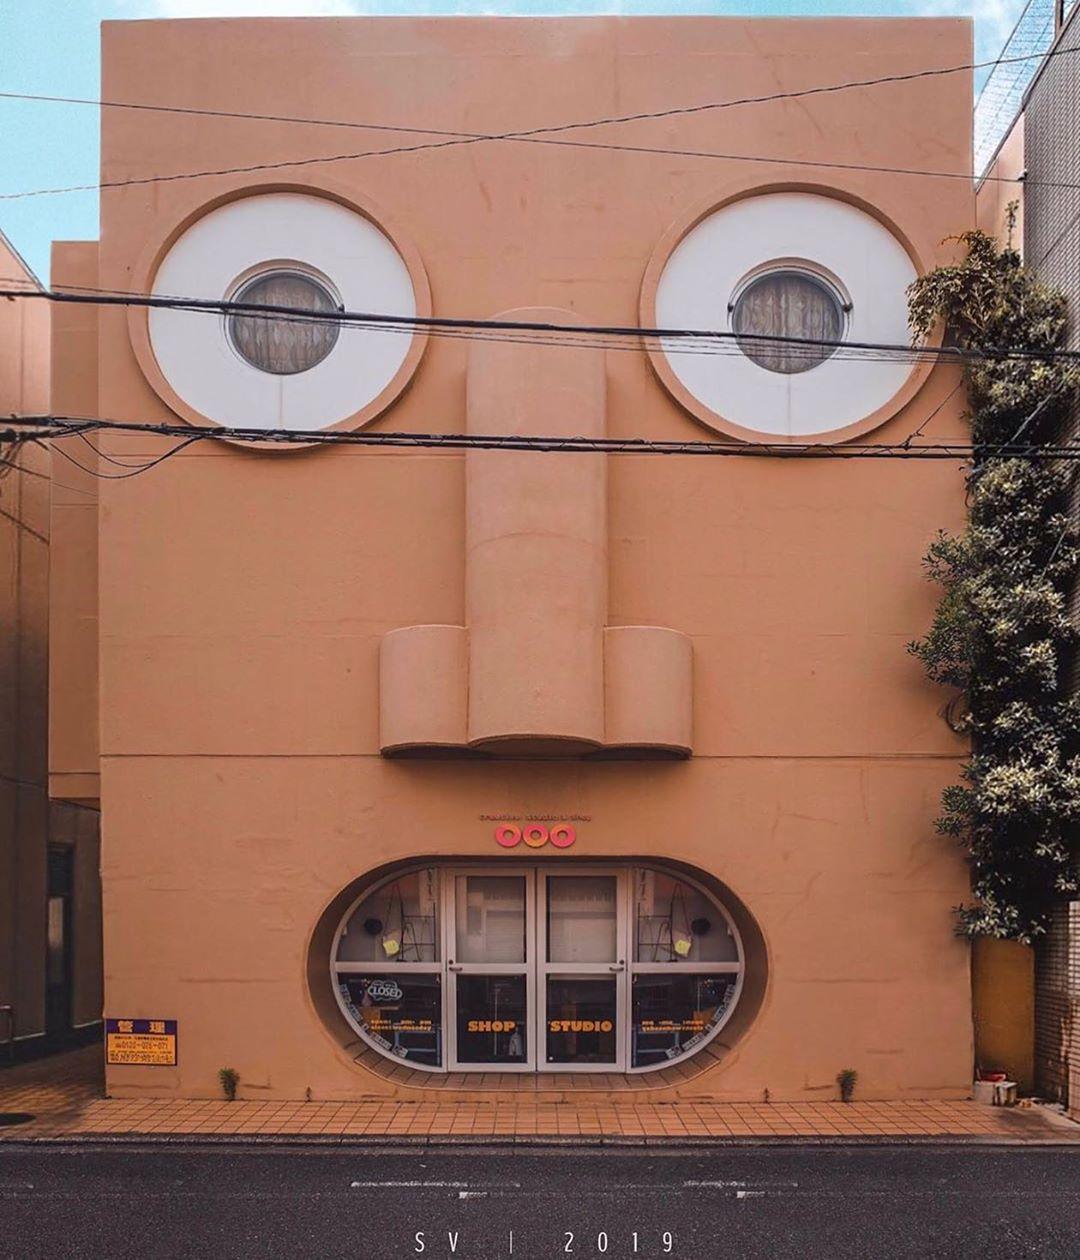 京都「黃色人臉建築」成最熱打卡點 還有「超萌小物」只排金閣寺就太遜了!